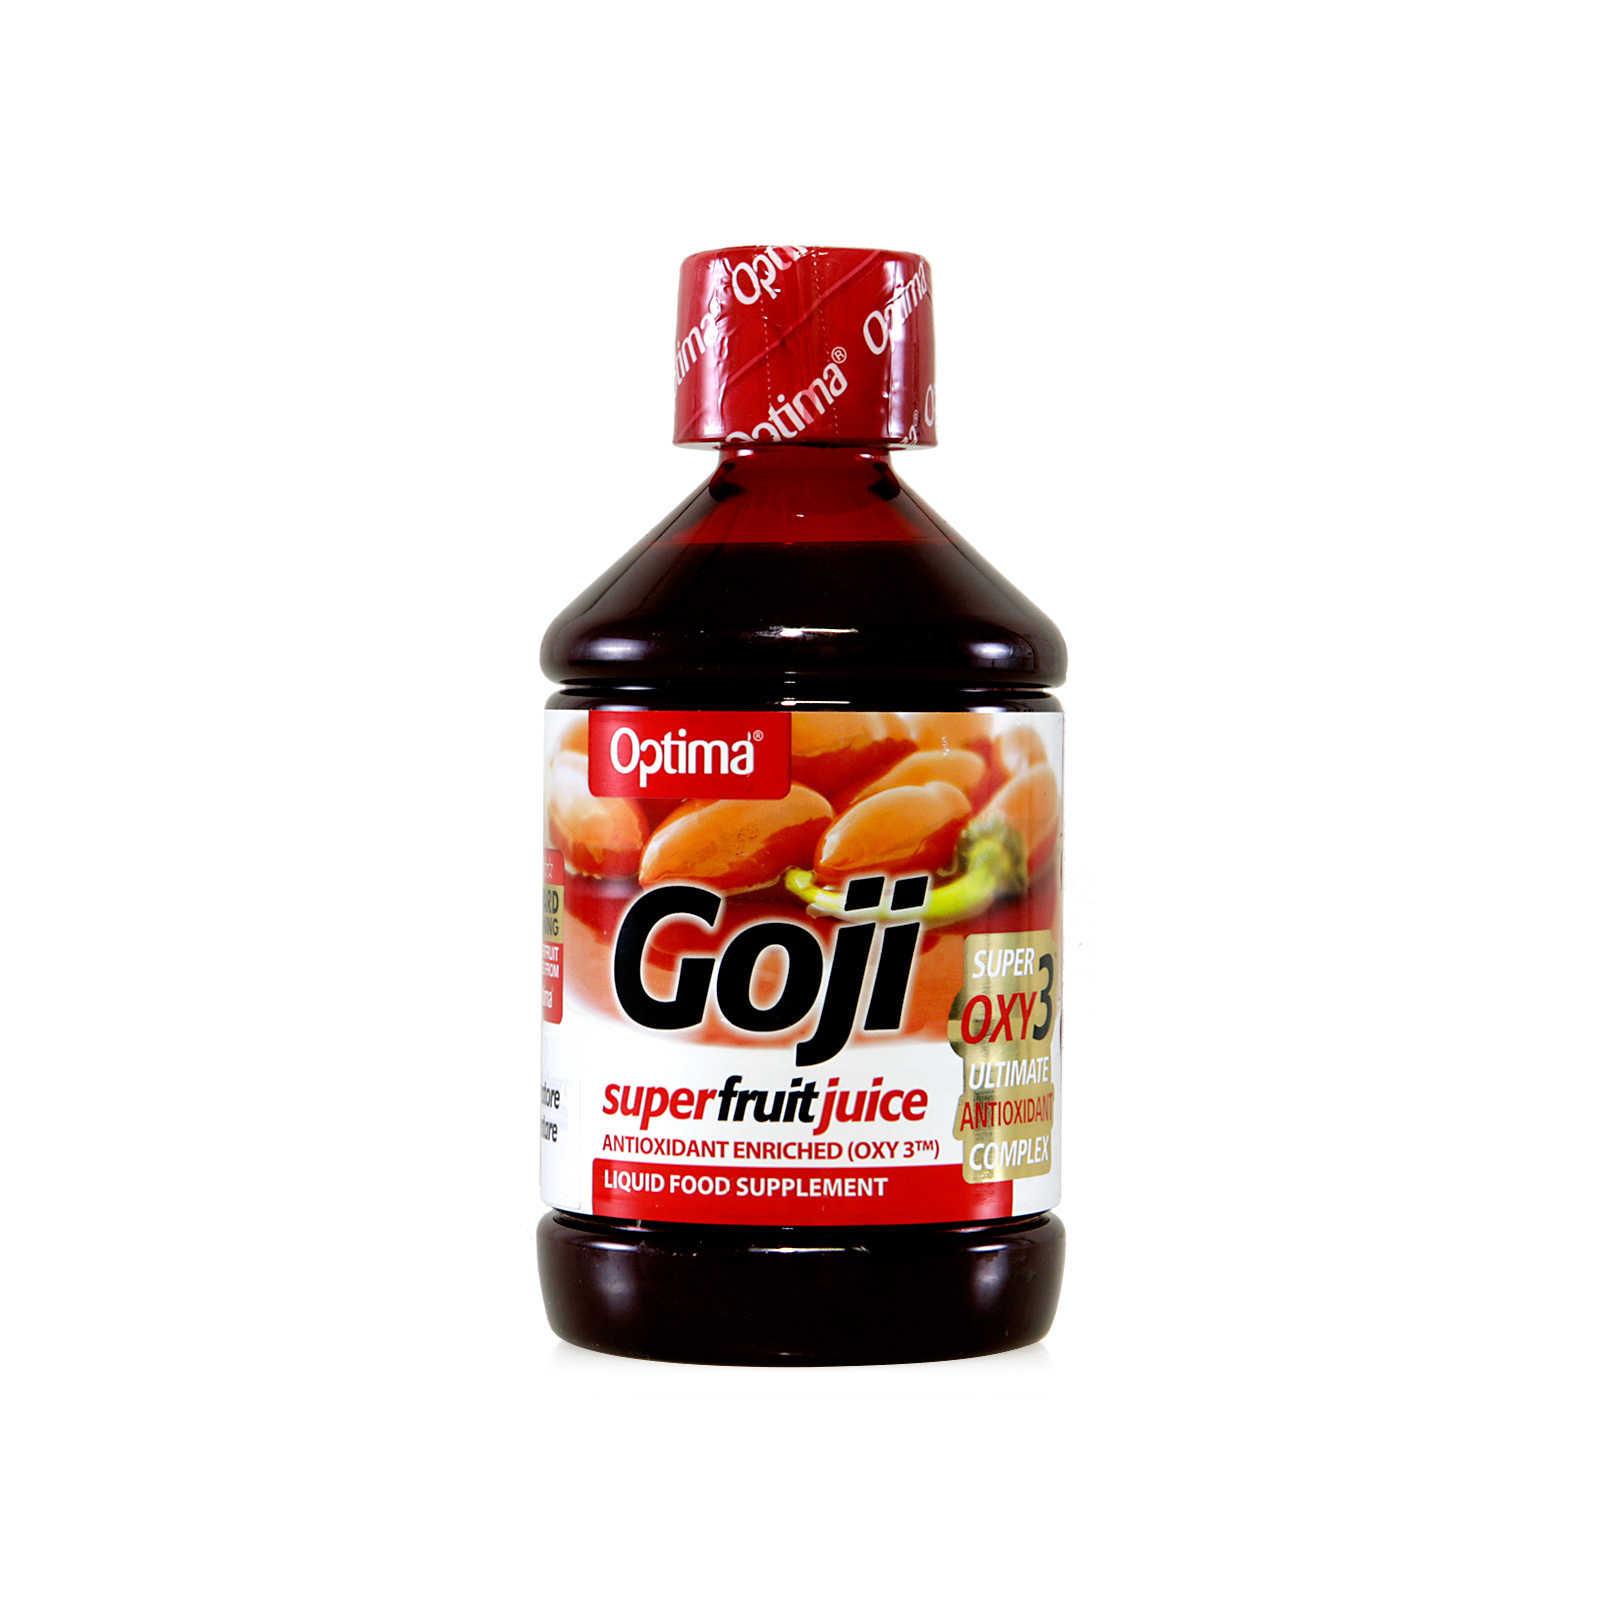 Optima - Integratore alimentare - Goji super fruit juice - con Oxy 3